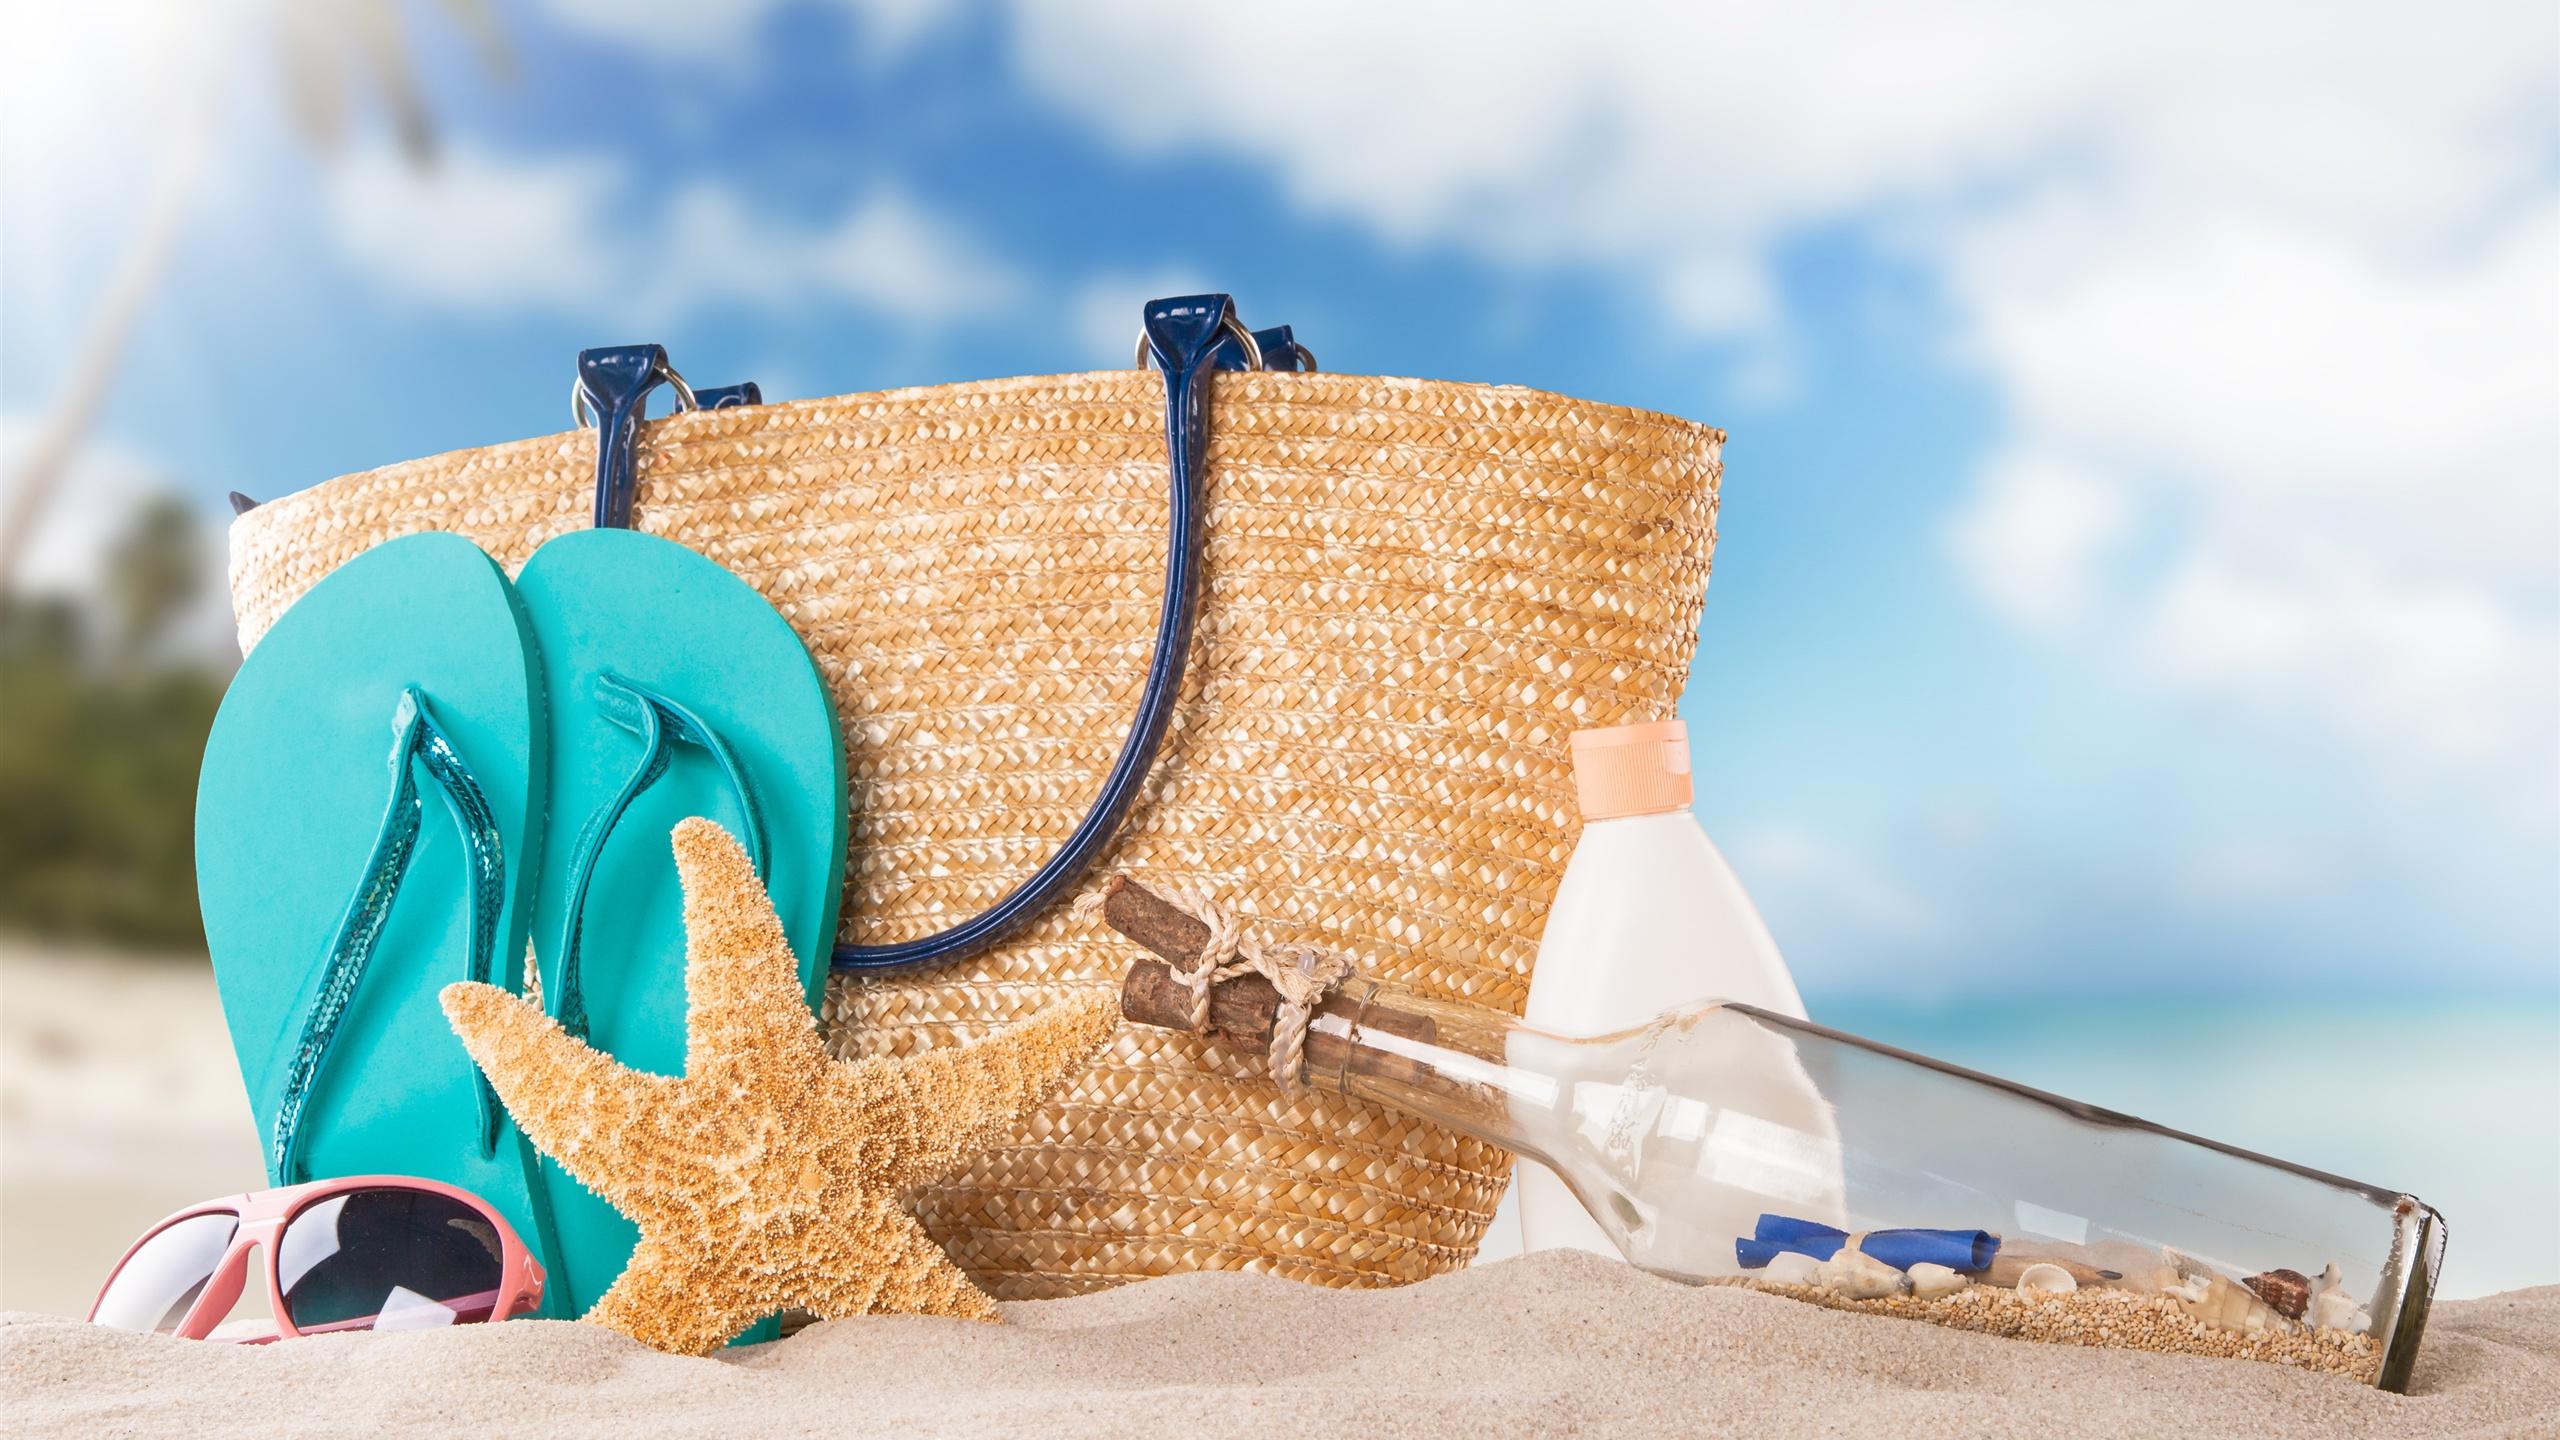 Картинки отпуск на пляже, анимацией дружбе